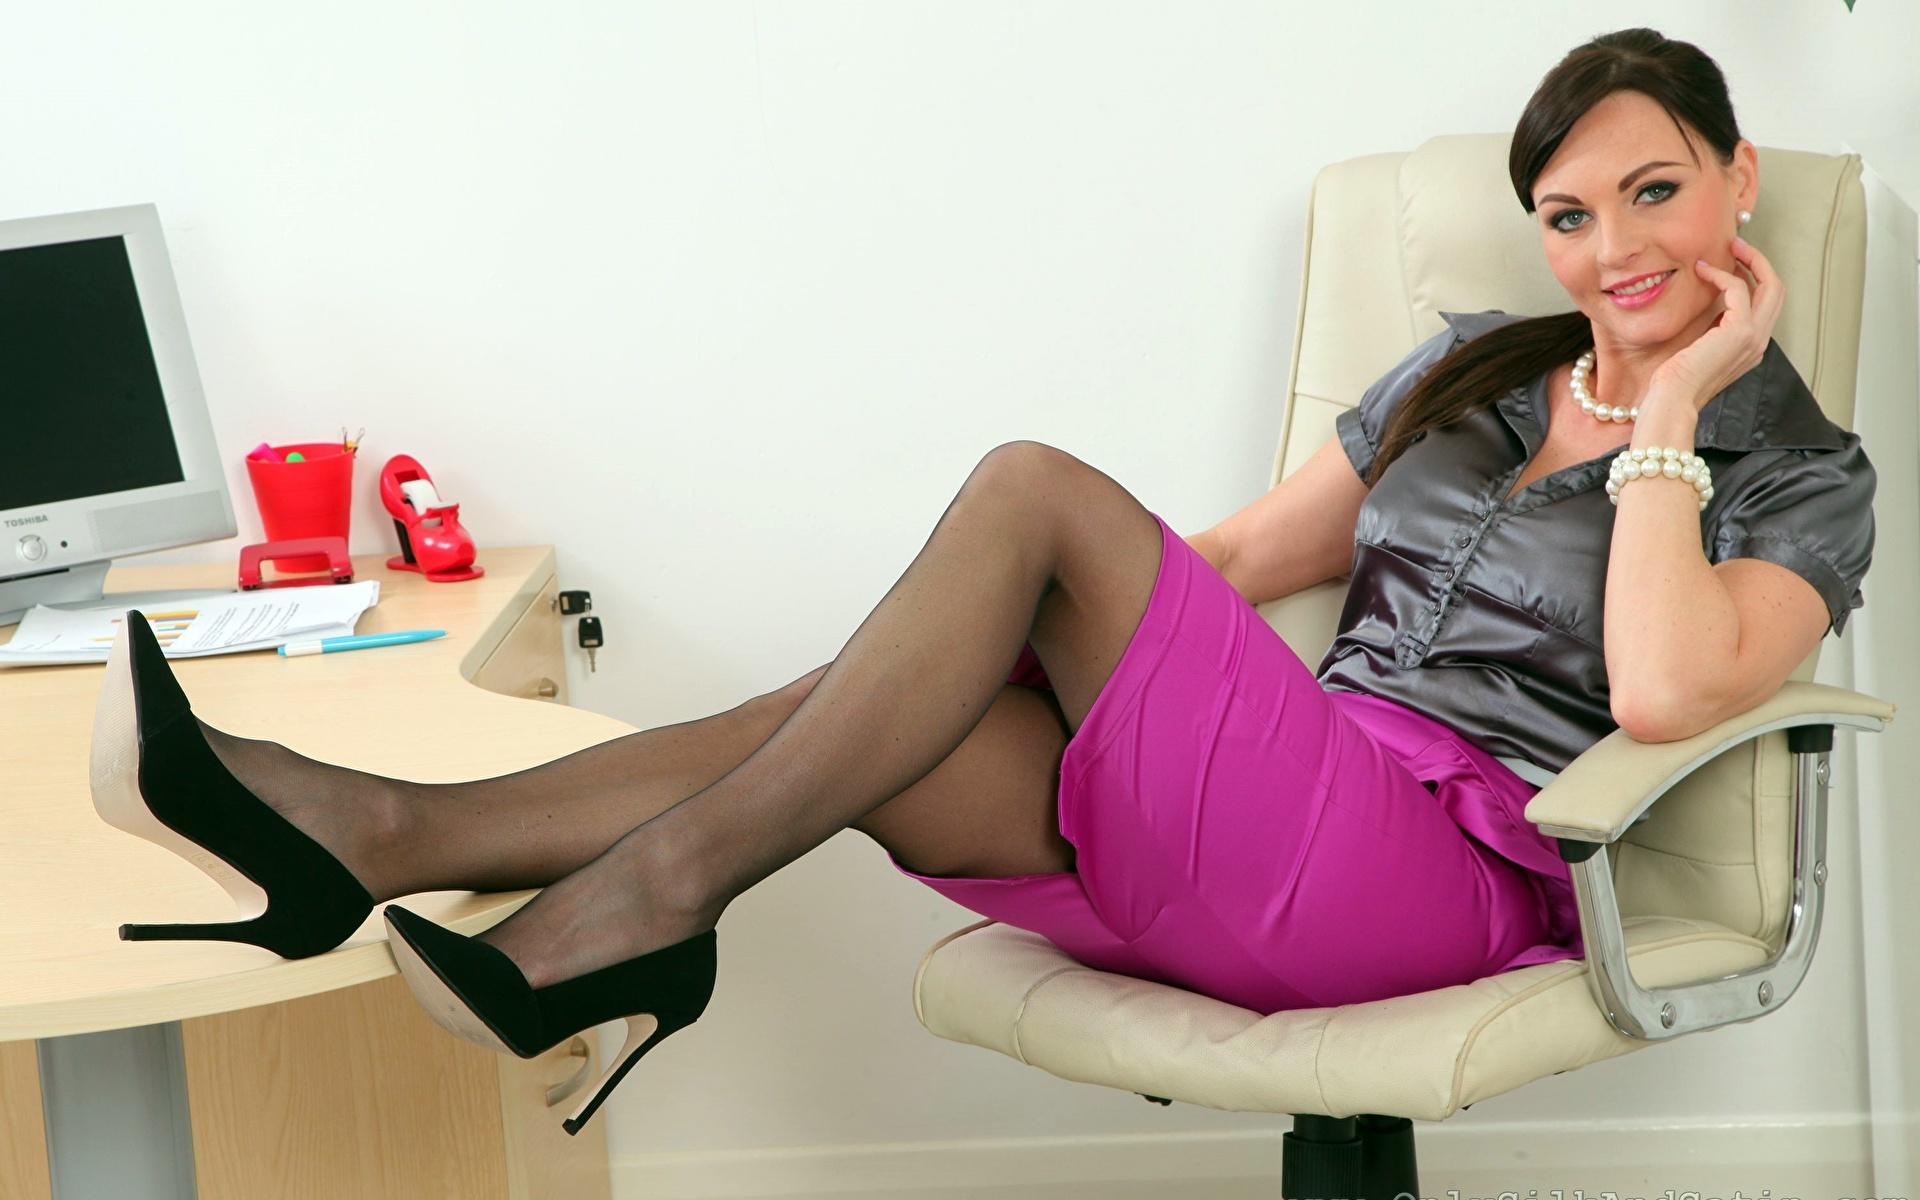 Секретарша в обтянутой юбке фото, Красивые секретарши на работе (100 фото) » Eroweek 11 фотография